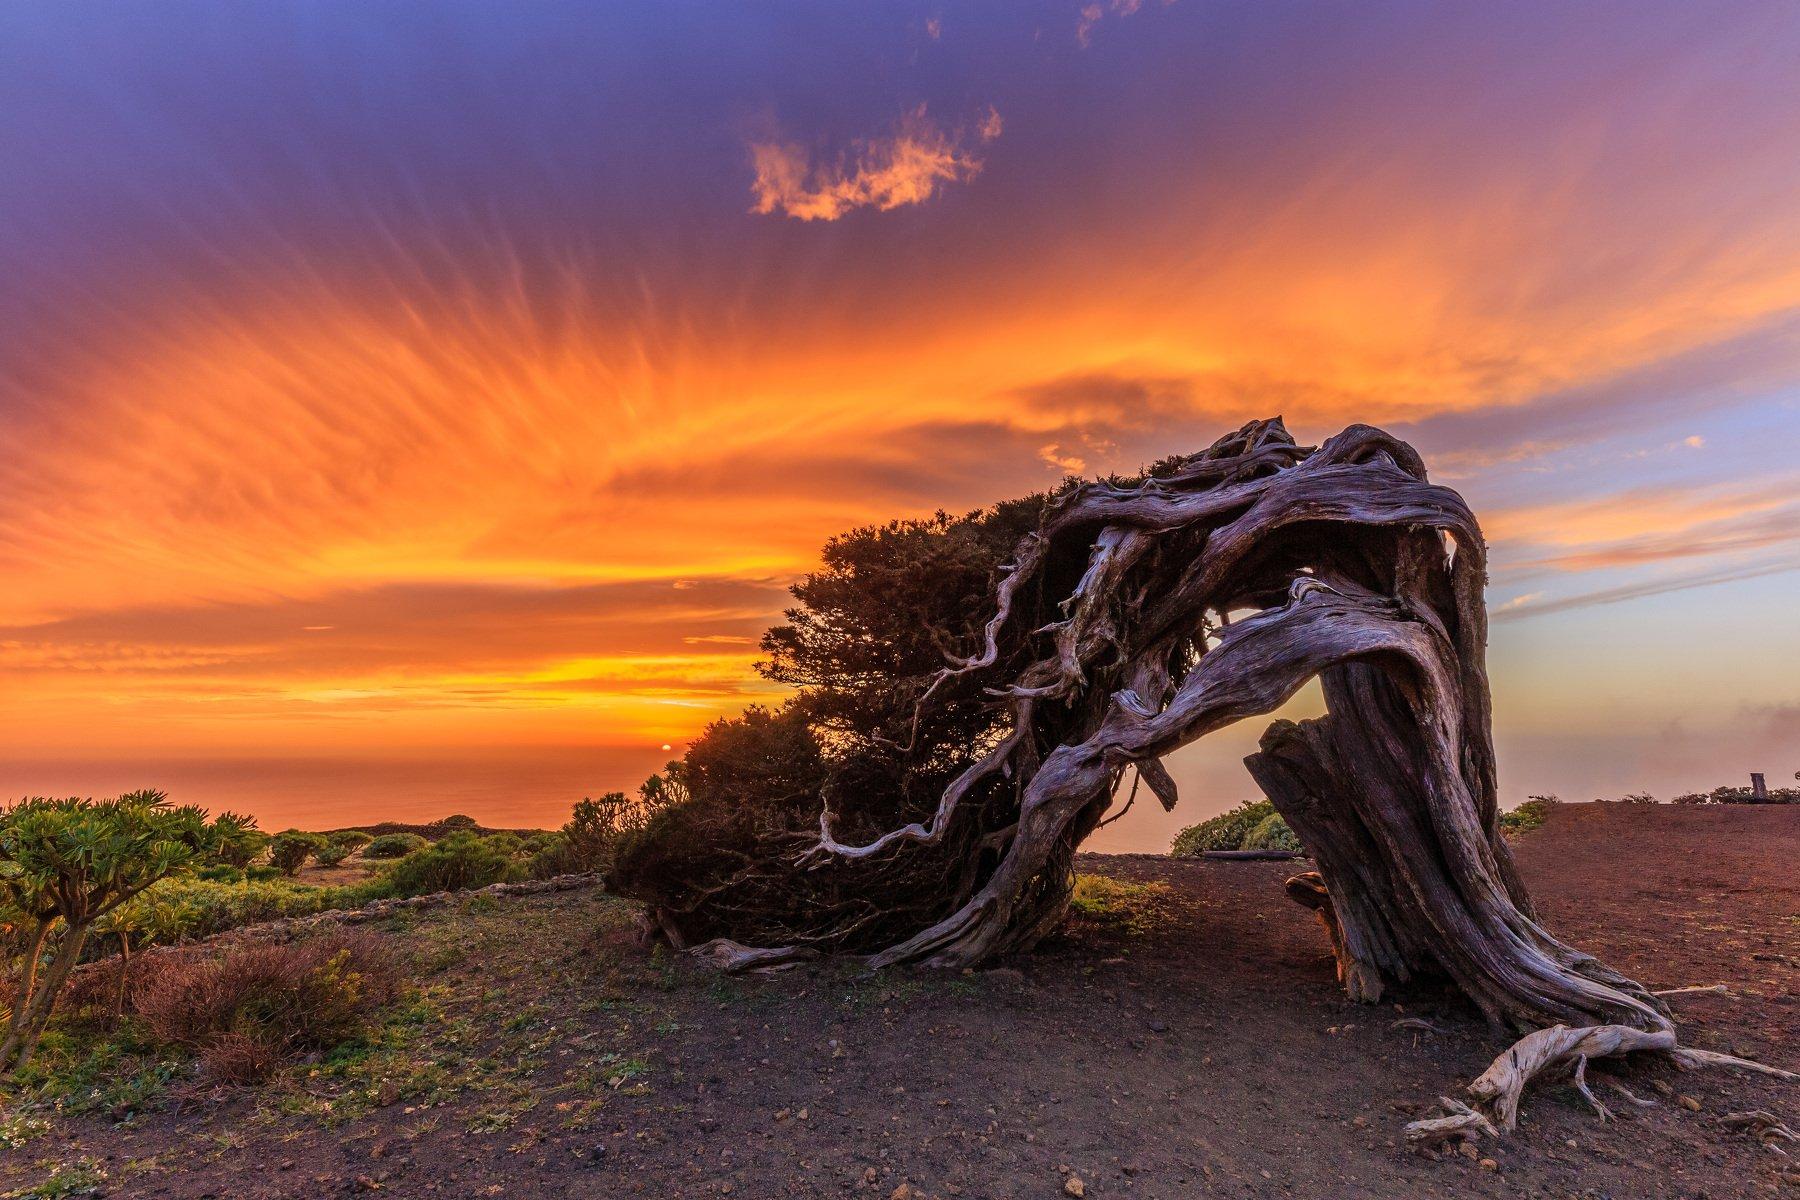 el hierro, el sabinar tree, canary island, sunset, Vitalis Vasylius